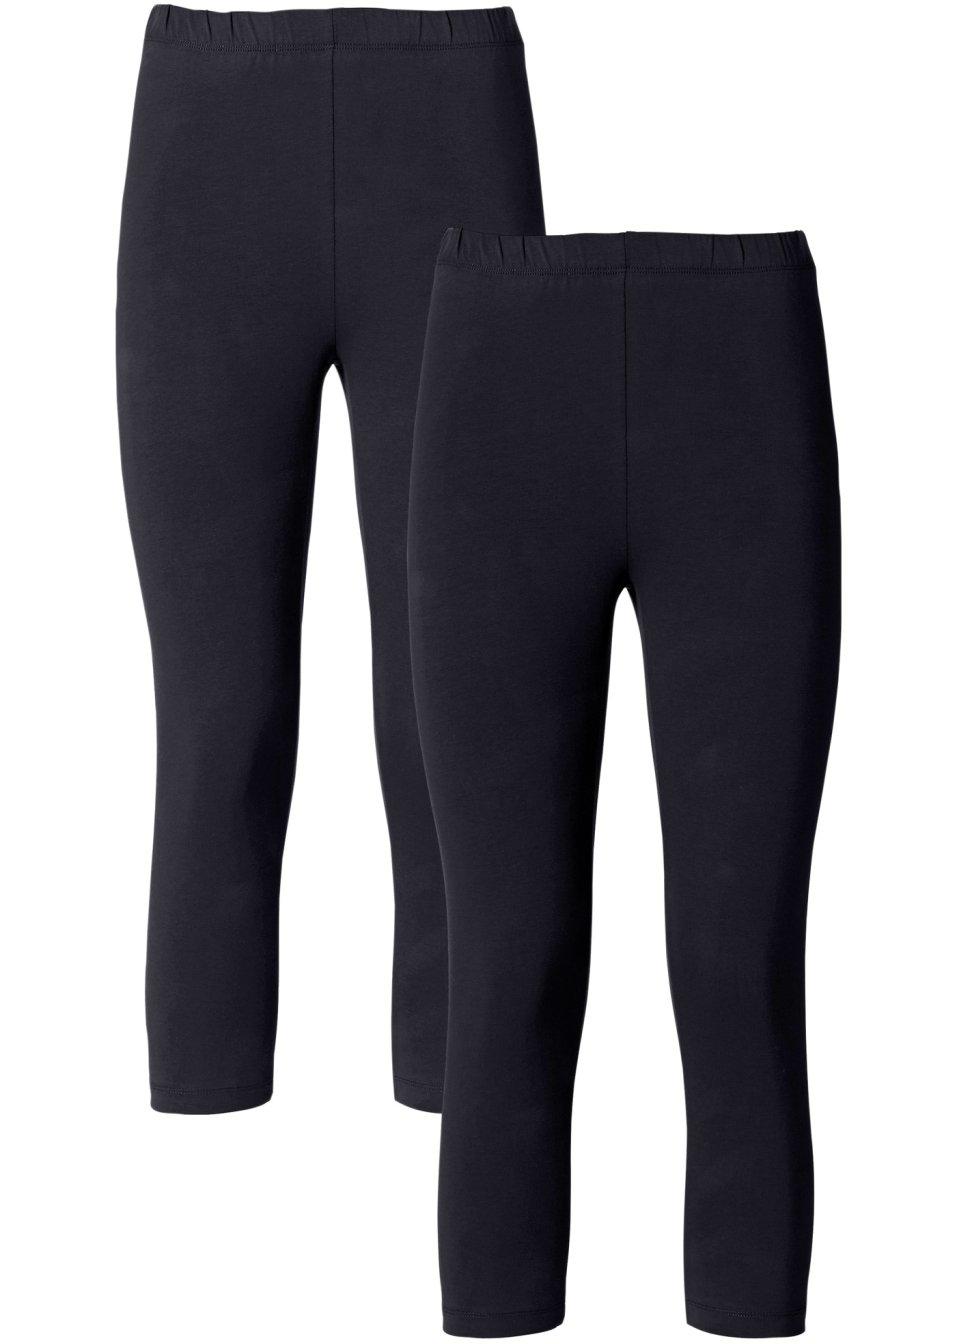 Vielseitig kombinierbare Leggings in schönen Farben - schwarz/schwarz hCvhr 8JTit